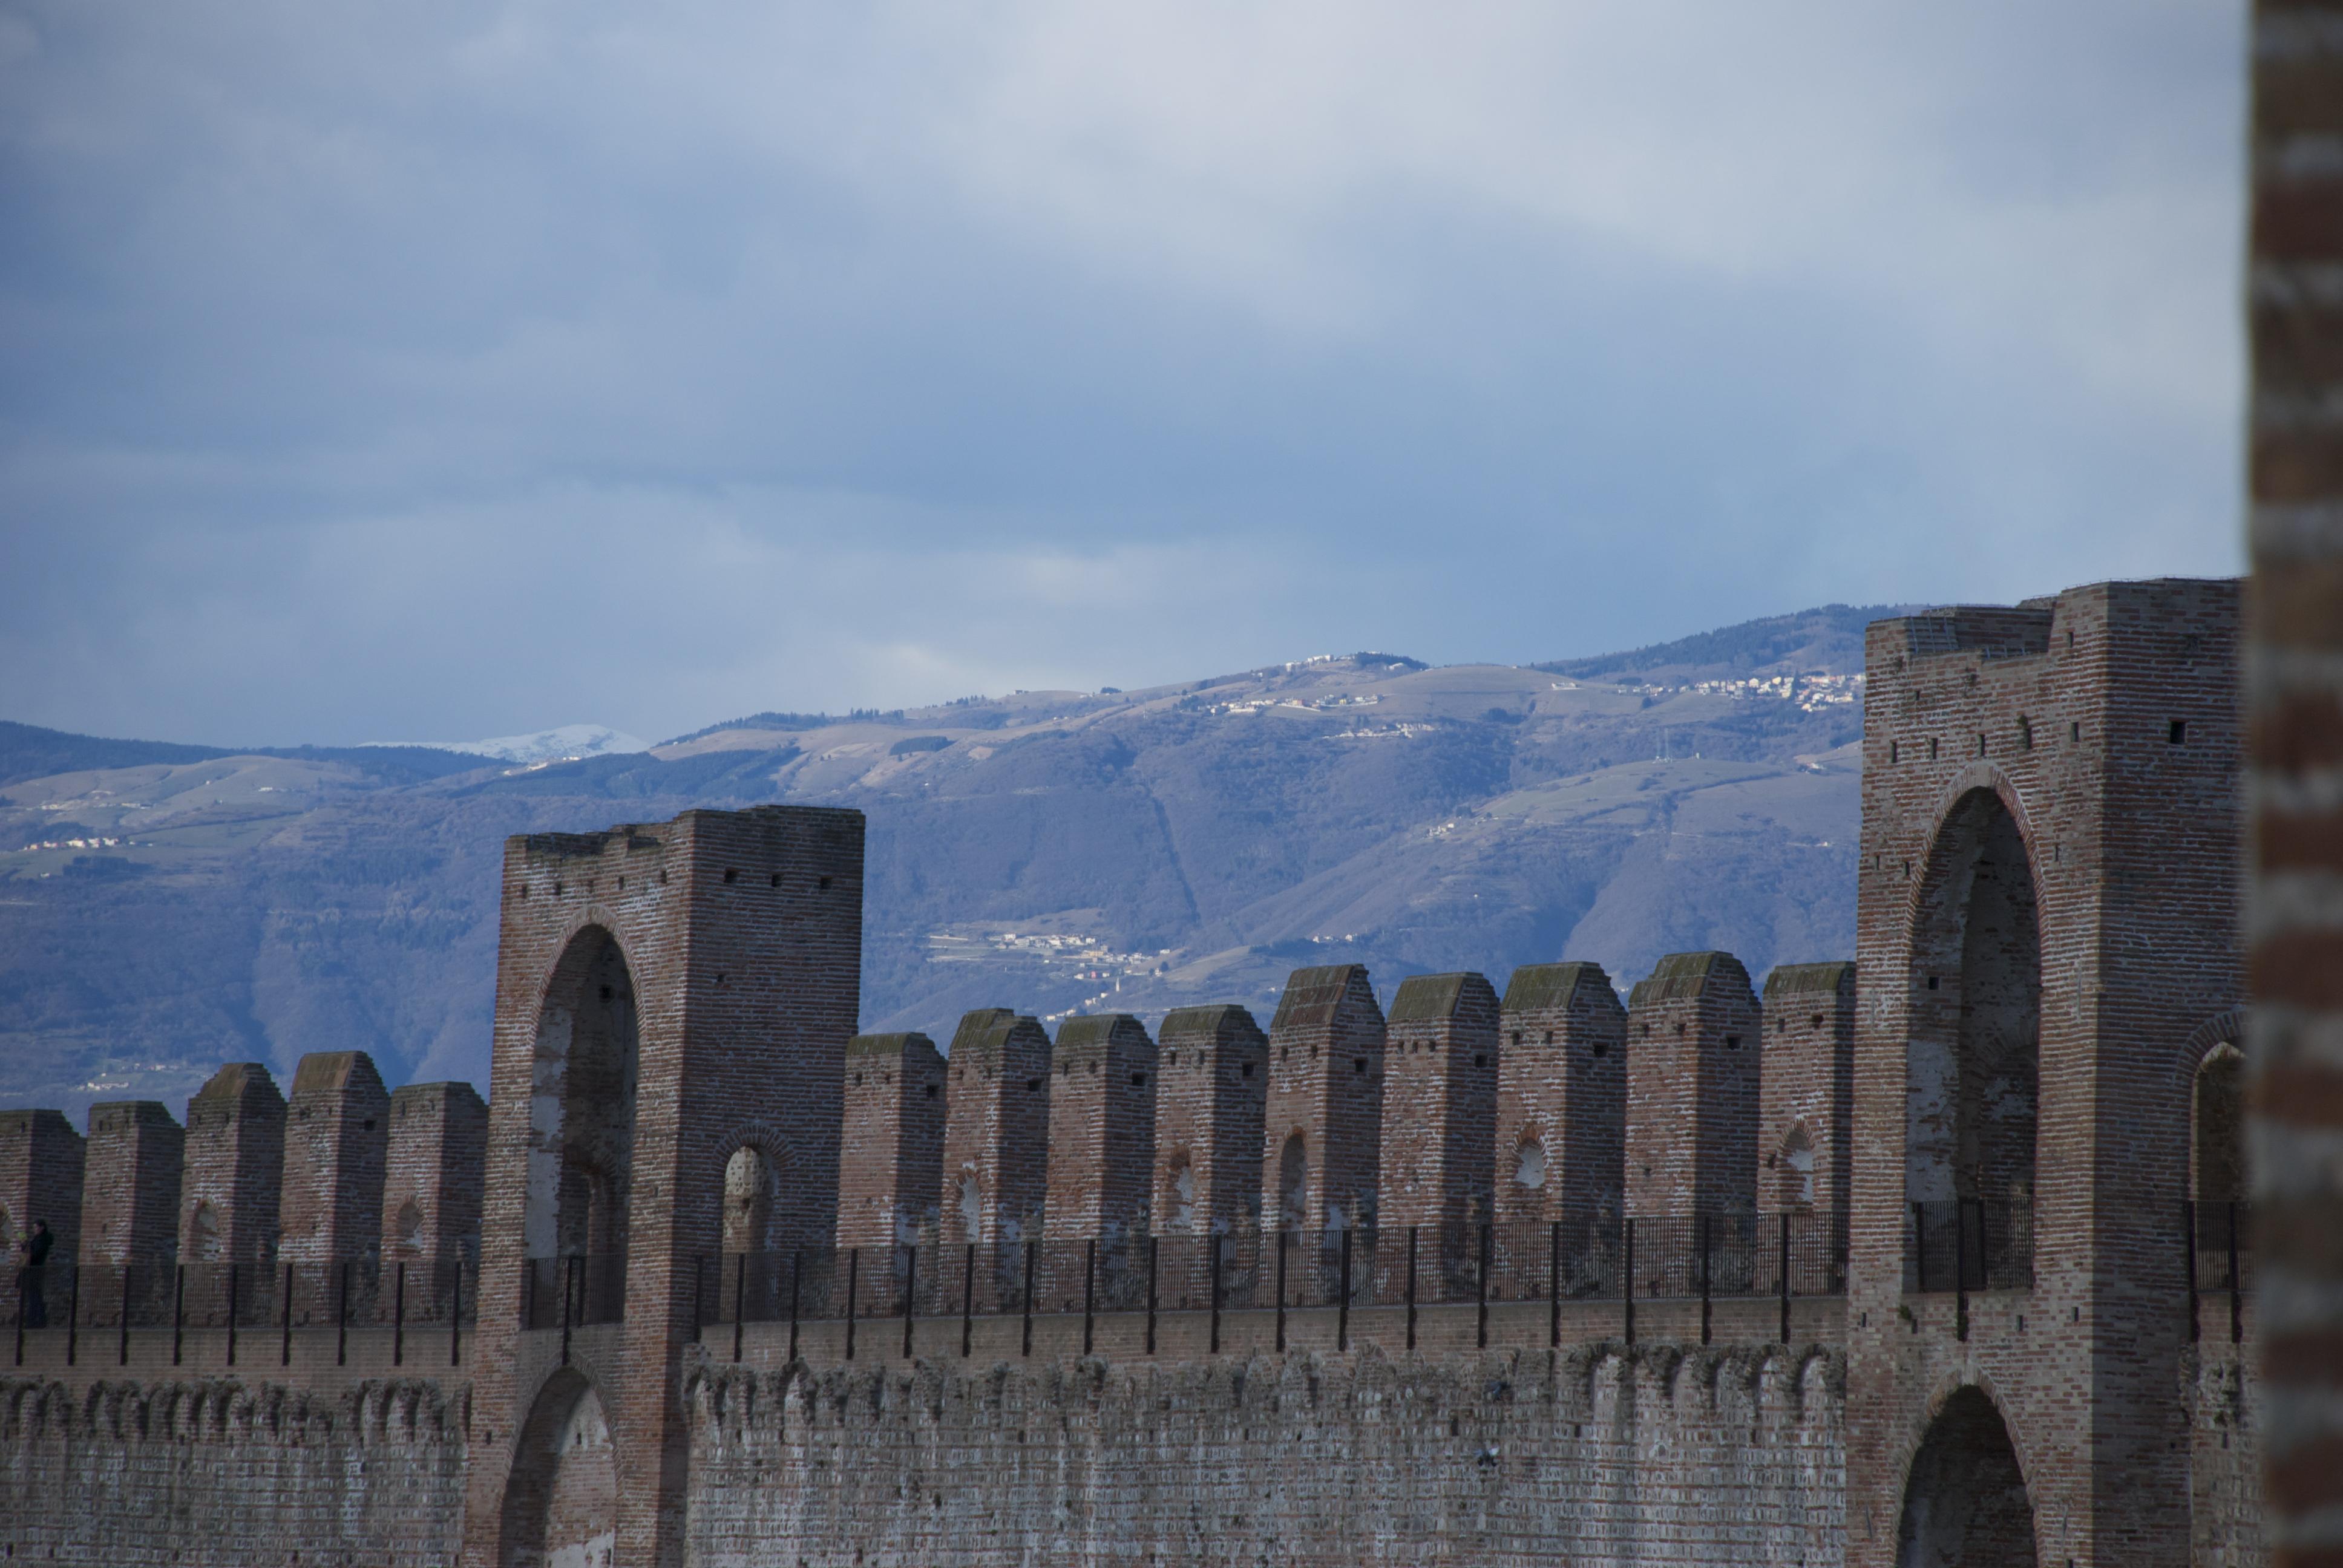 mura castello ciittadella